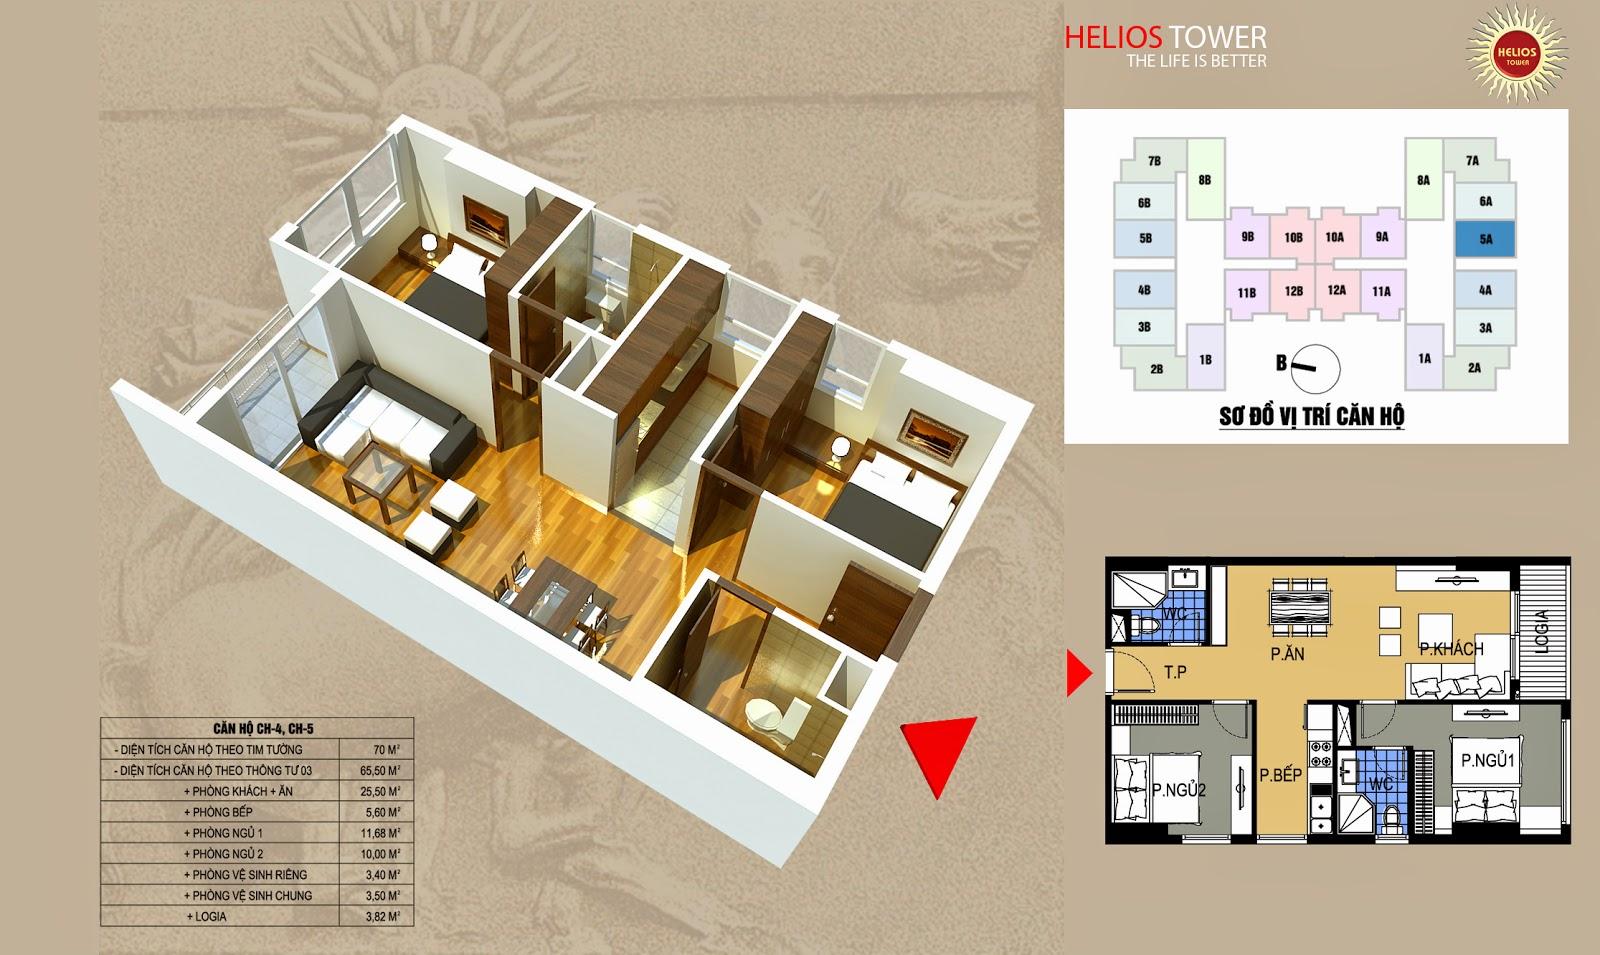 Chung Cư Helios Tower